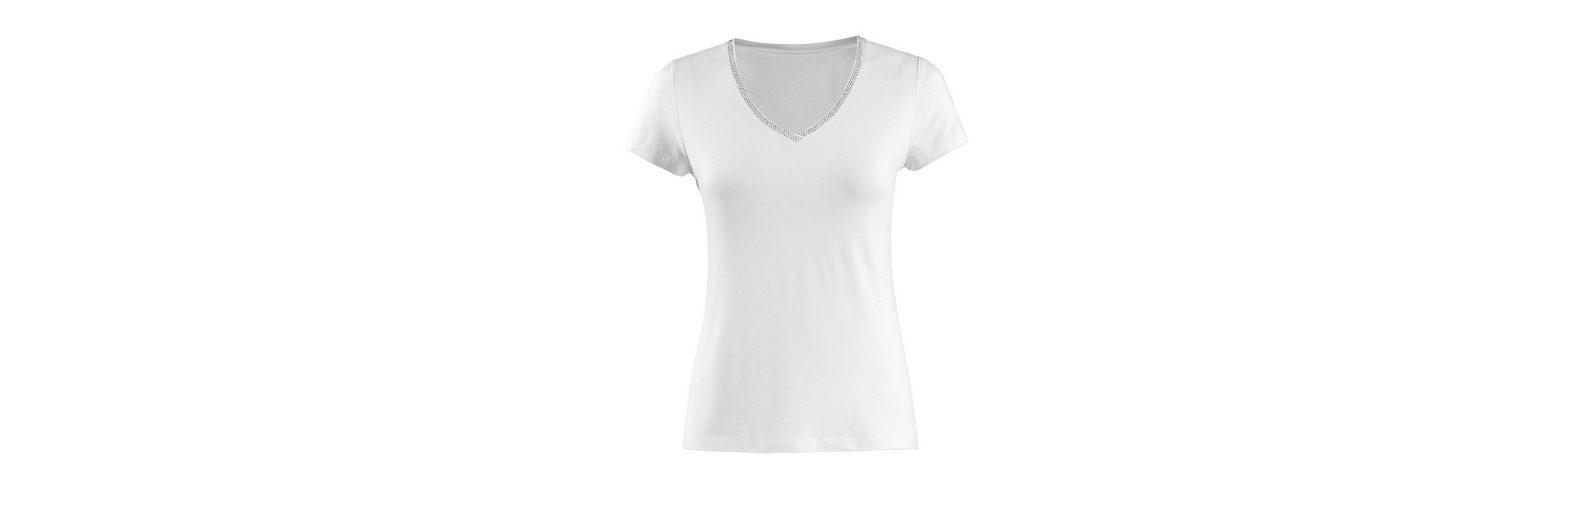 V Moda V mit Strassapplikation Alba Moda Shirt Shirt Alba EfdPfq